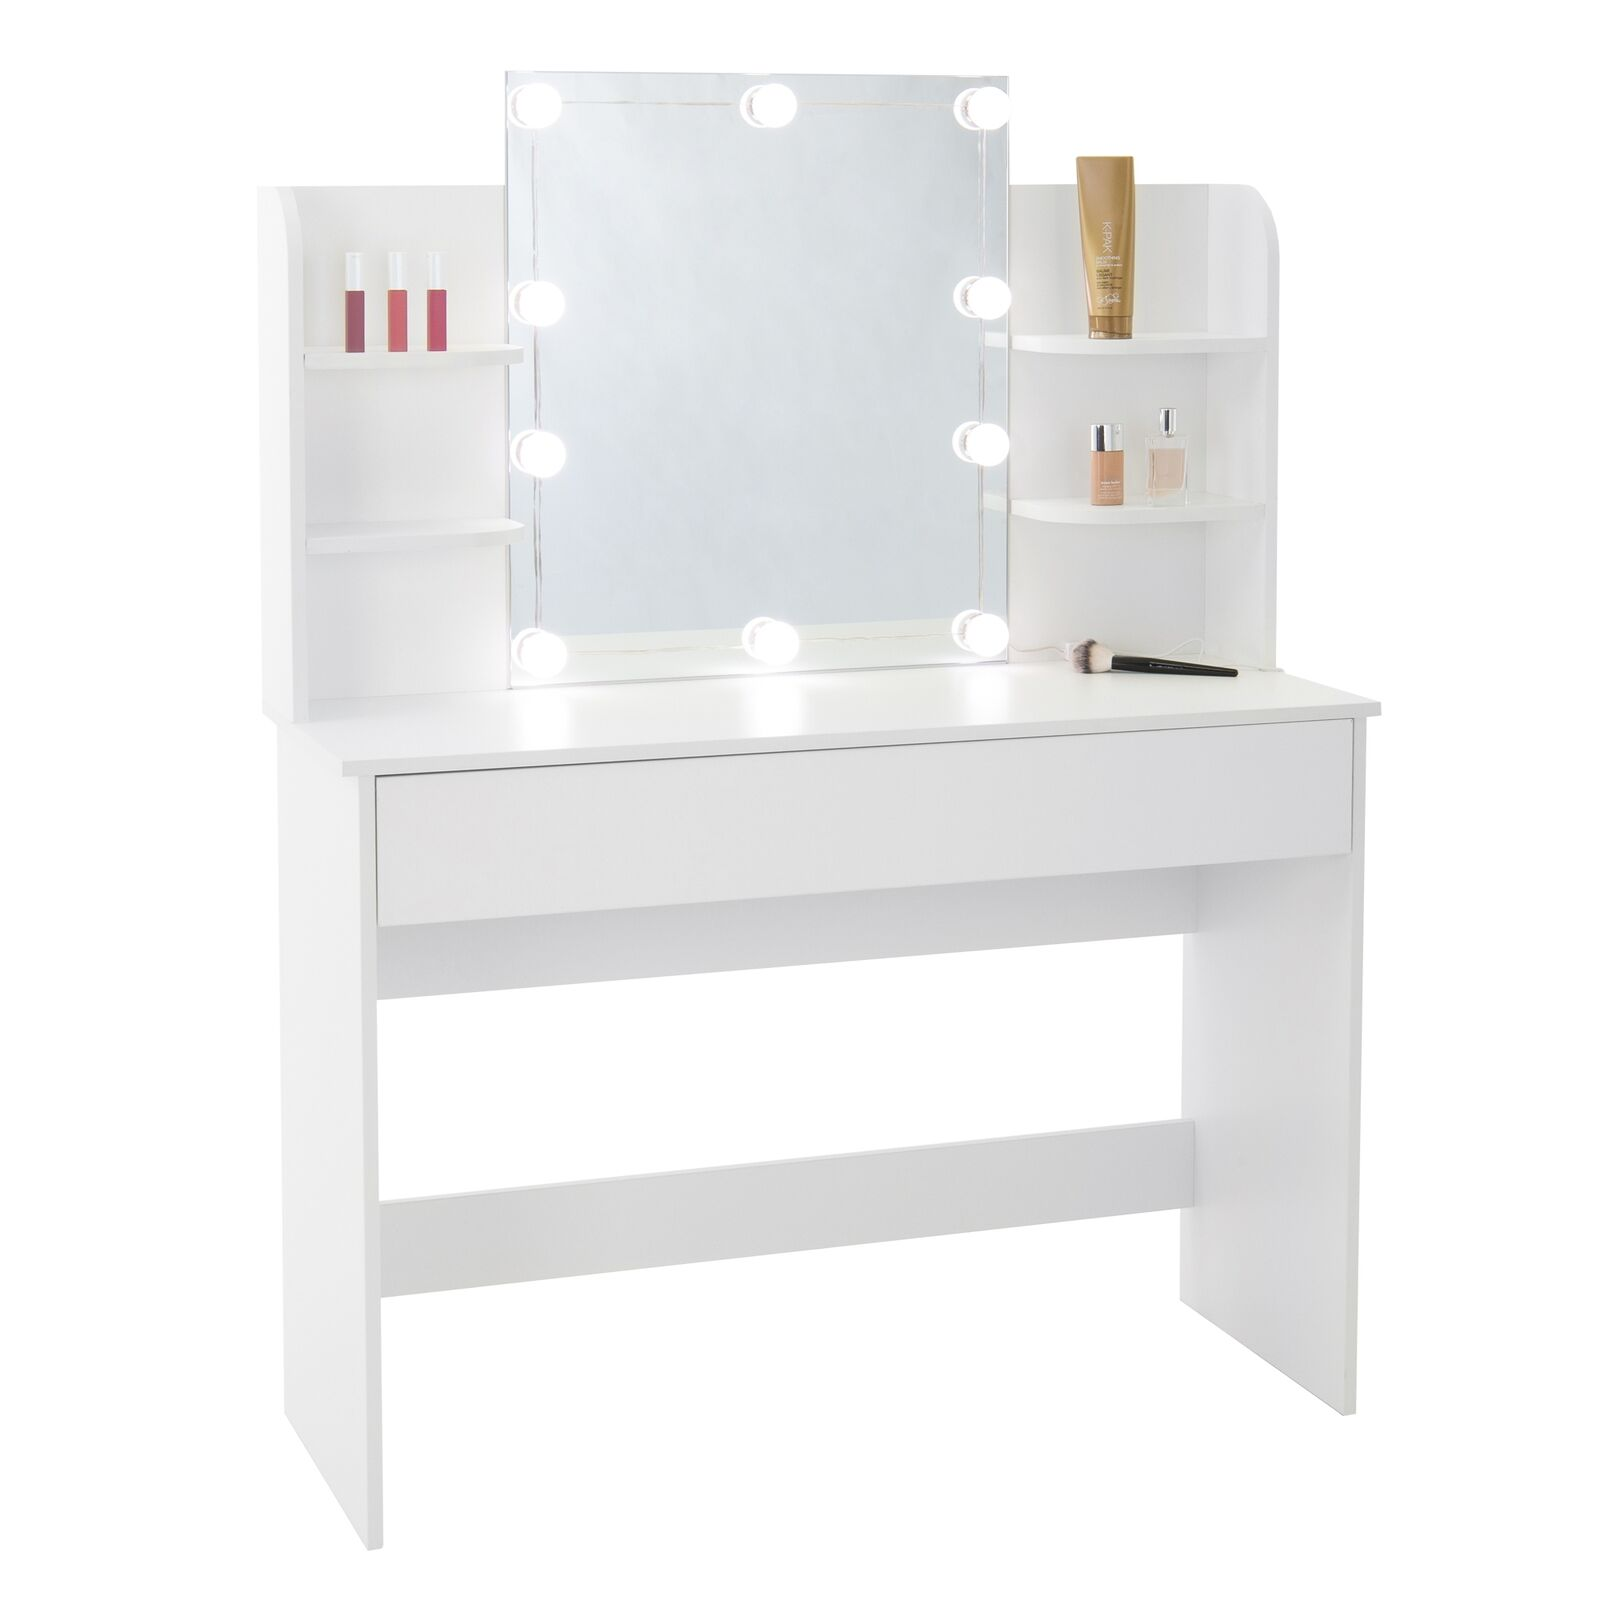 Tocador mesa de peluquería con espejo iluminación LED blanco cómoda dormitorio